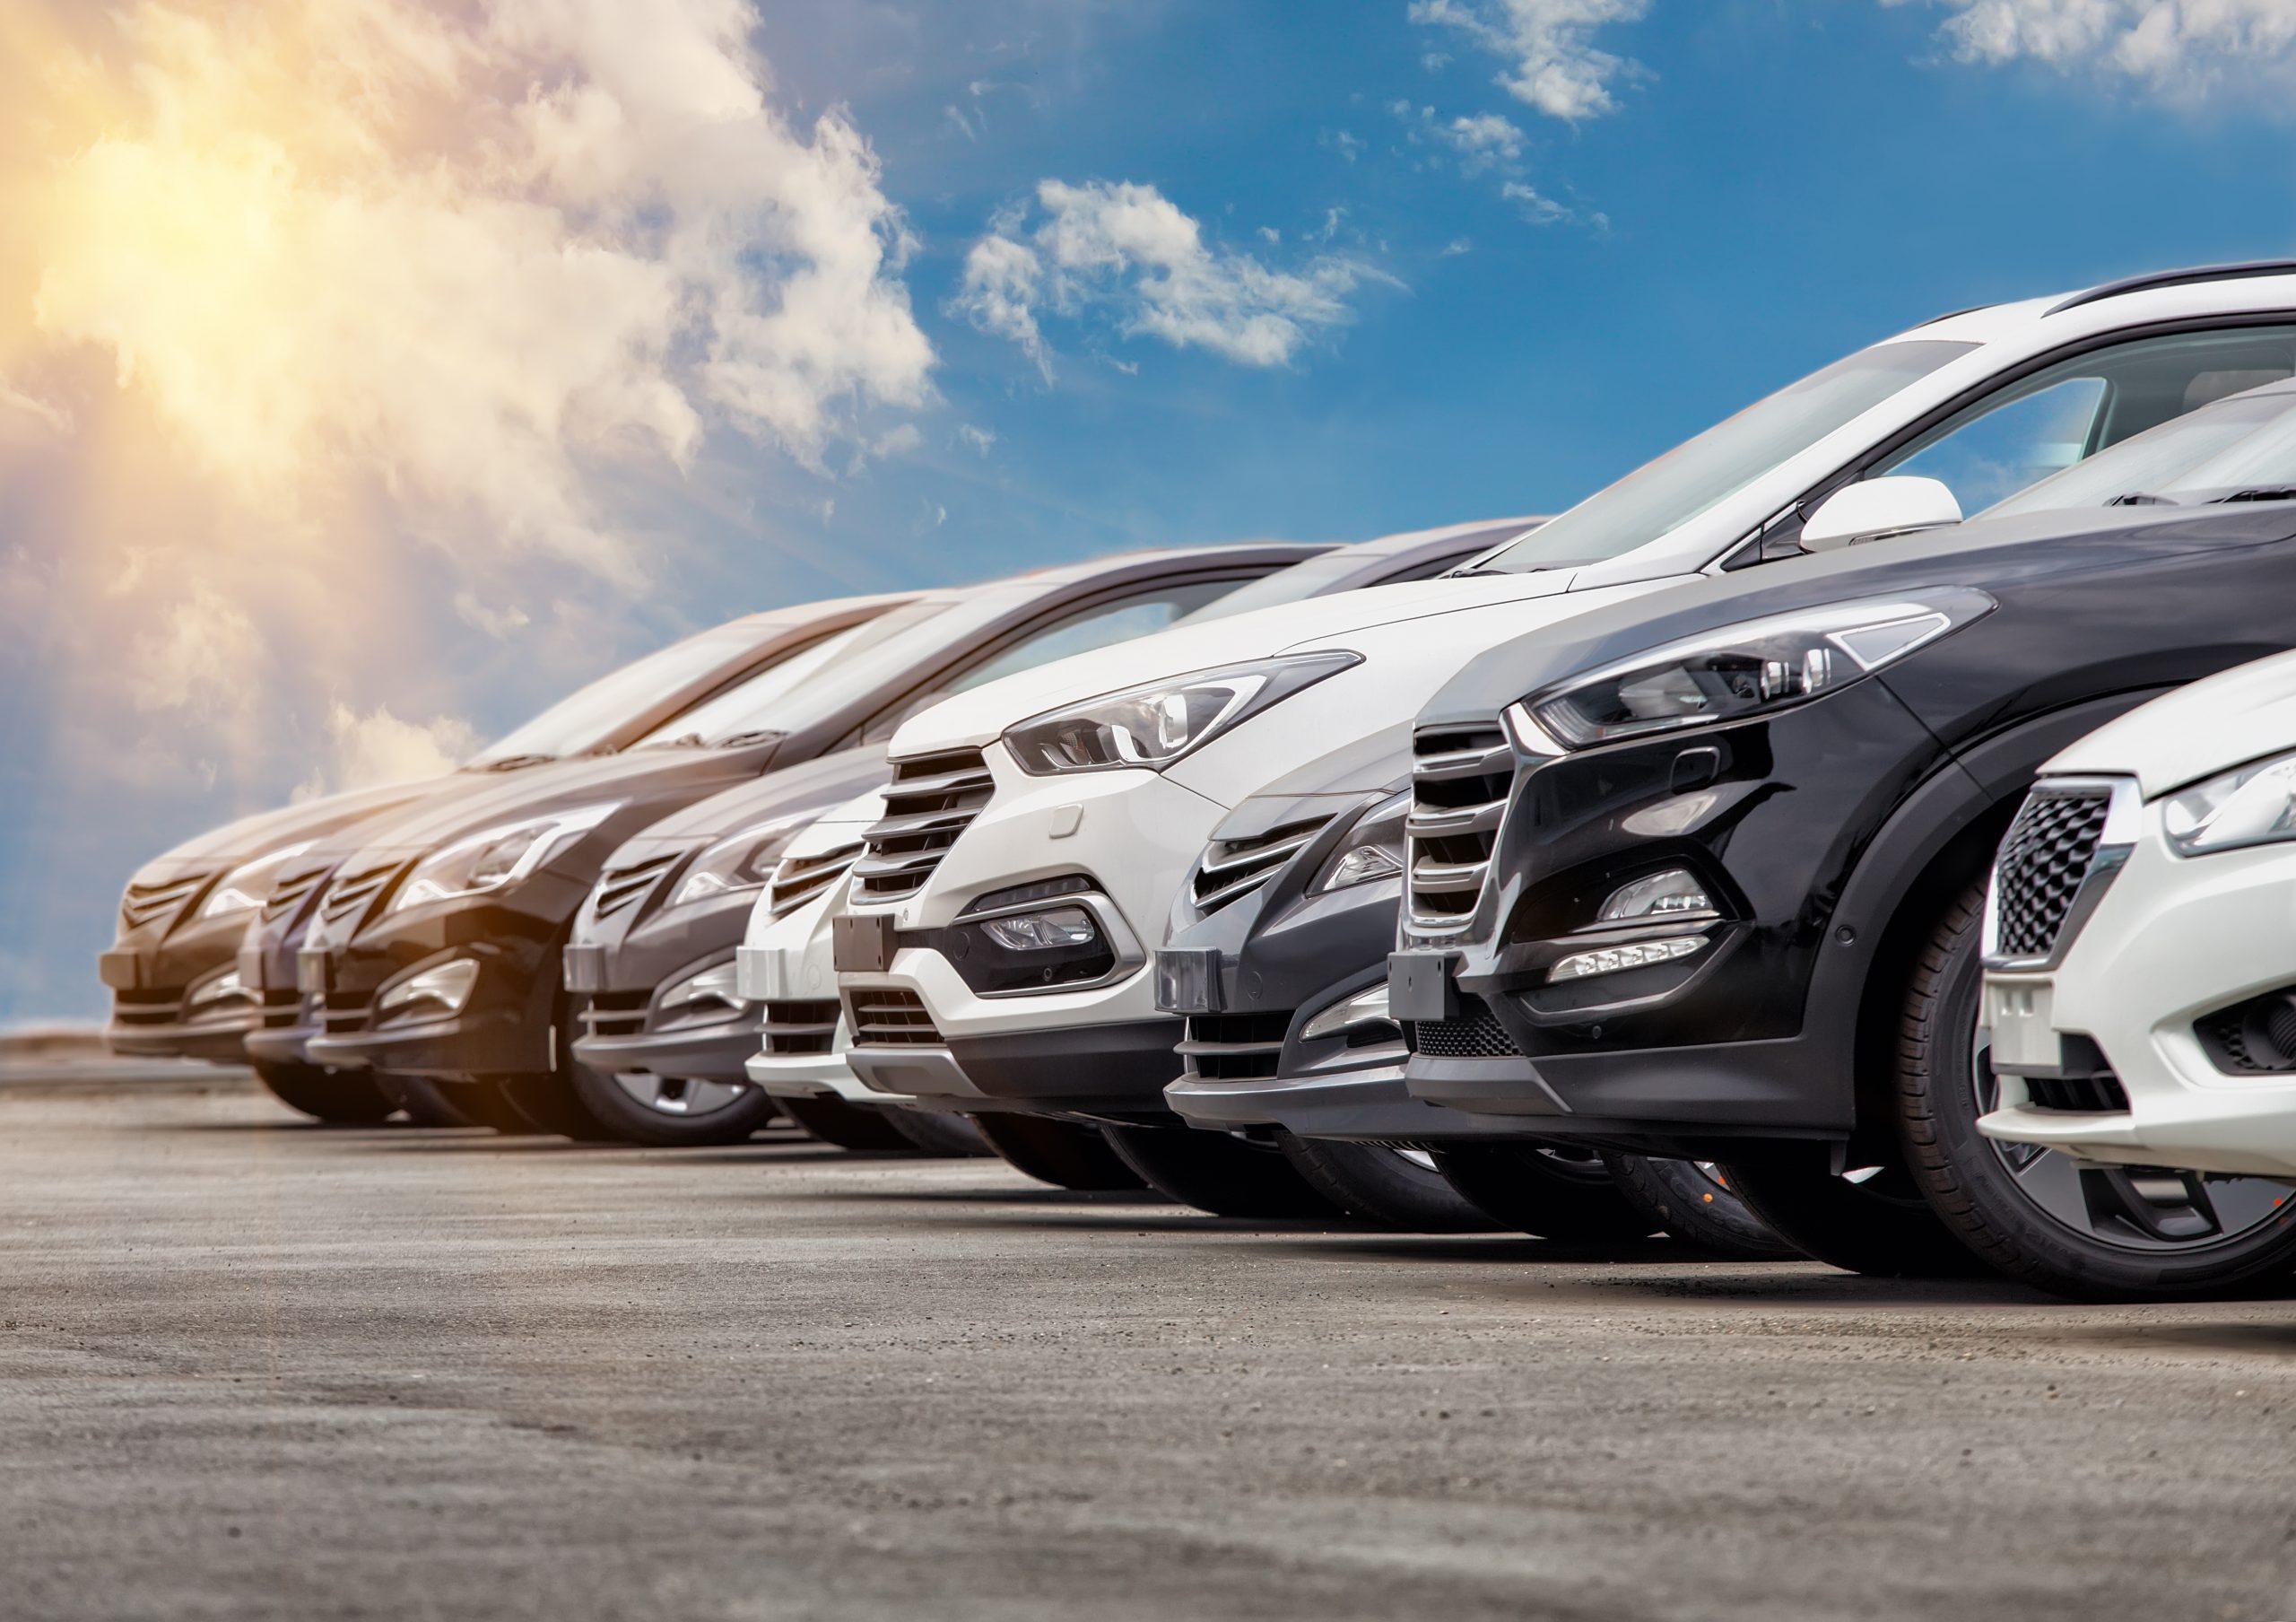 aicas joins Automotive Grade Linux